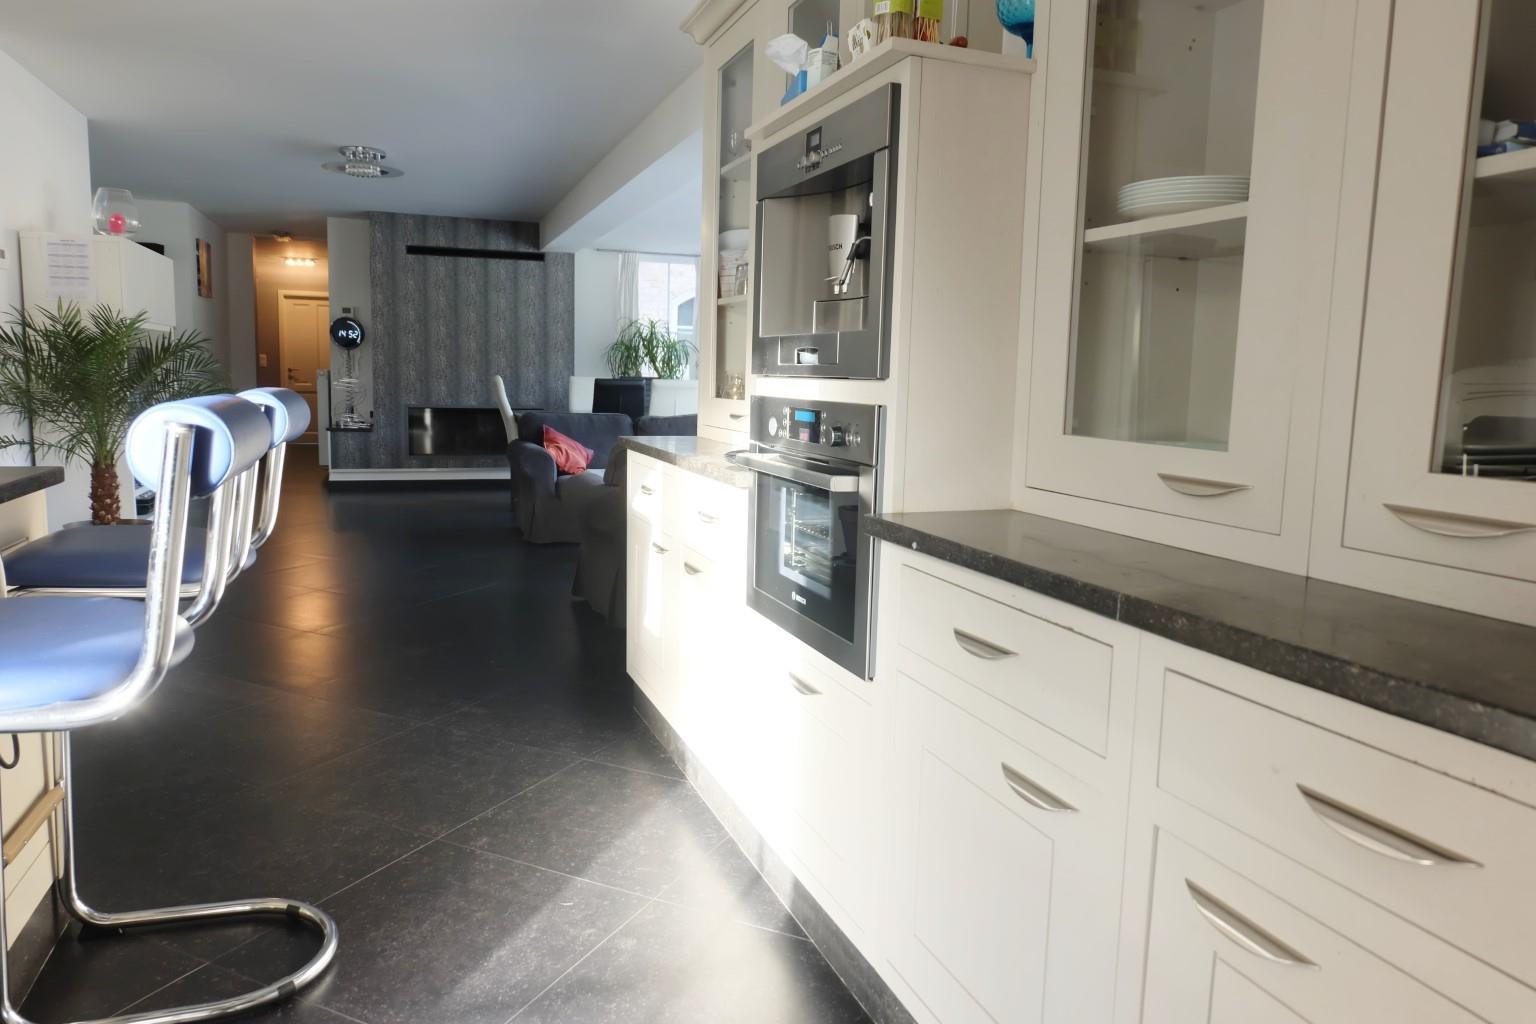 Appartement exceptionnel - Braine-le-Comte Hennuyères - #2181234-8